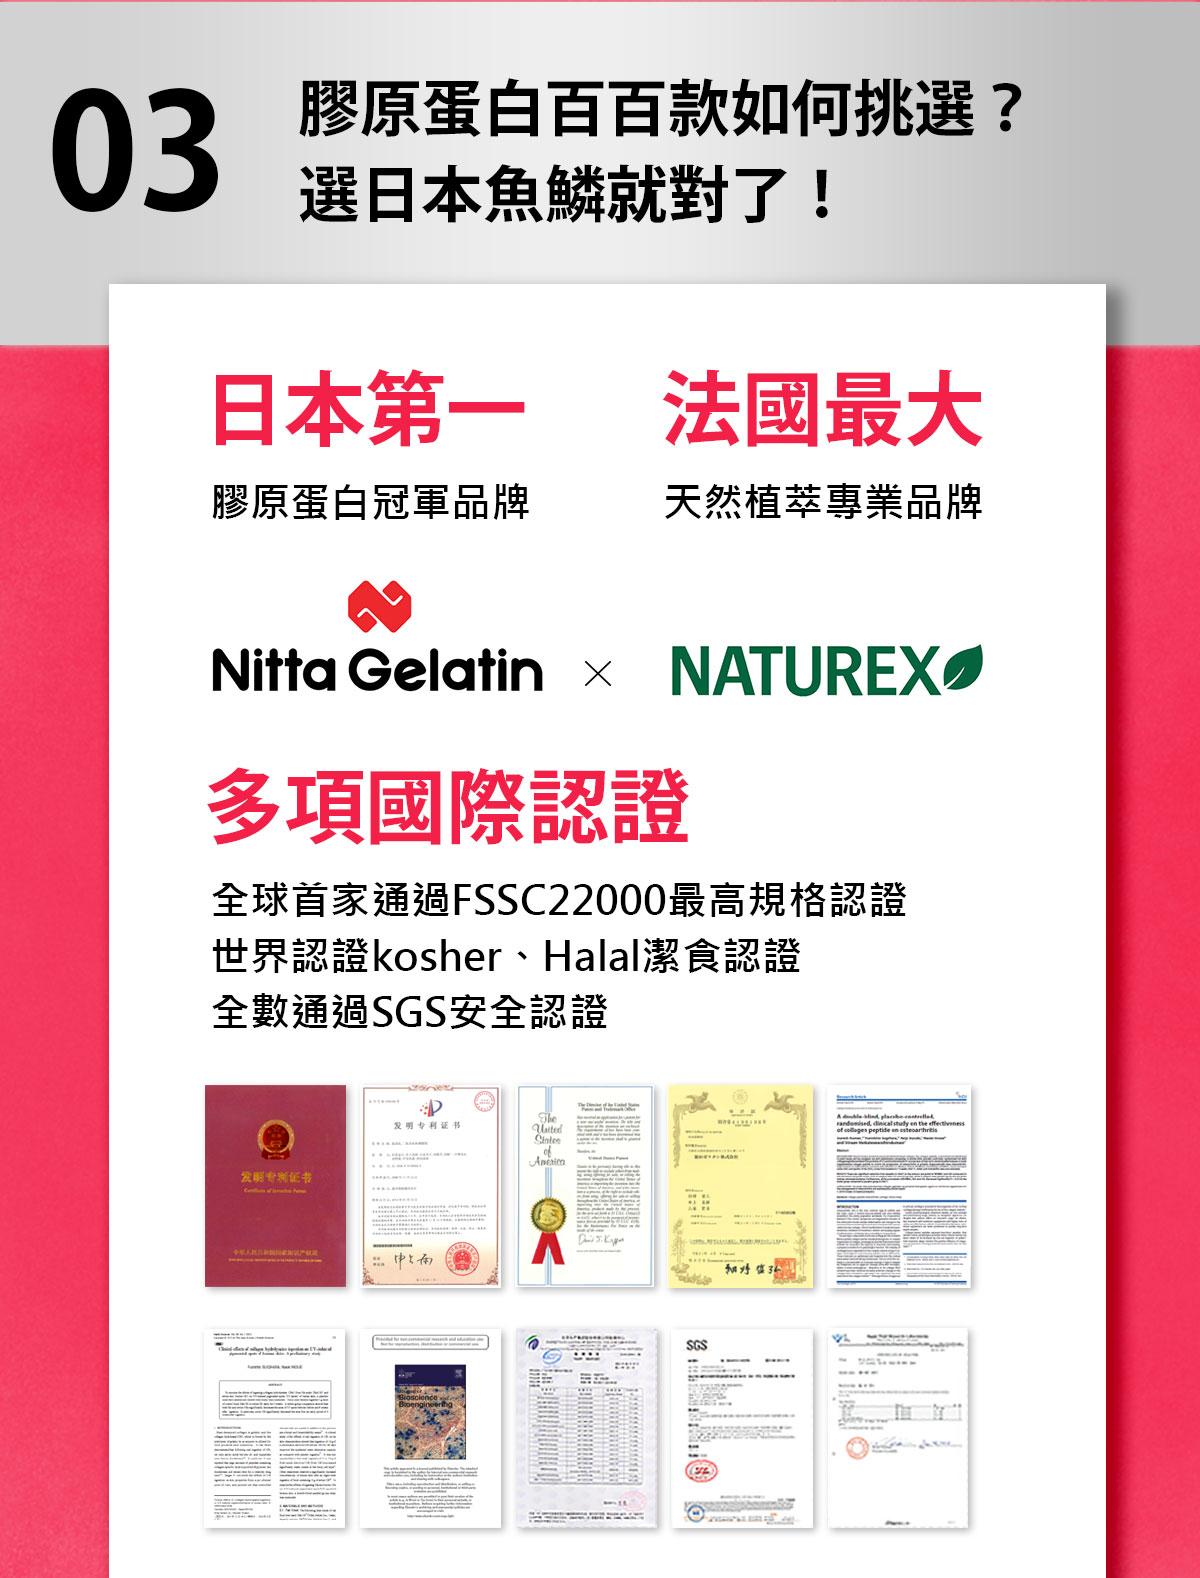 日本膠原蛋白+西印度櫻桃C-全球多張功效專利-0800-800-924